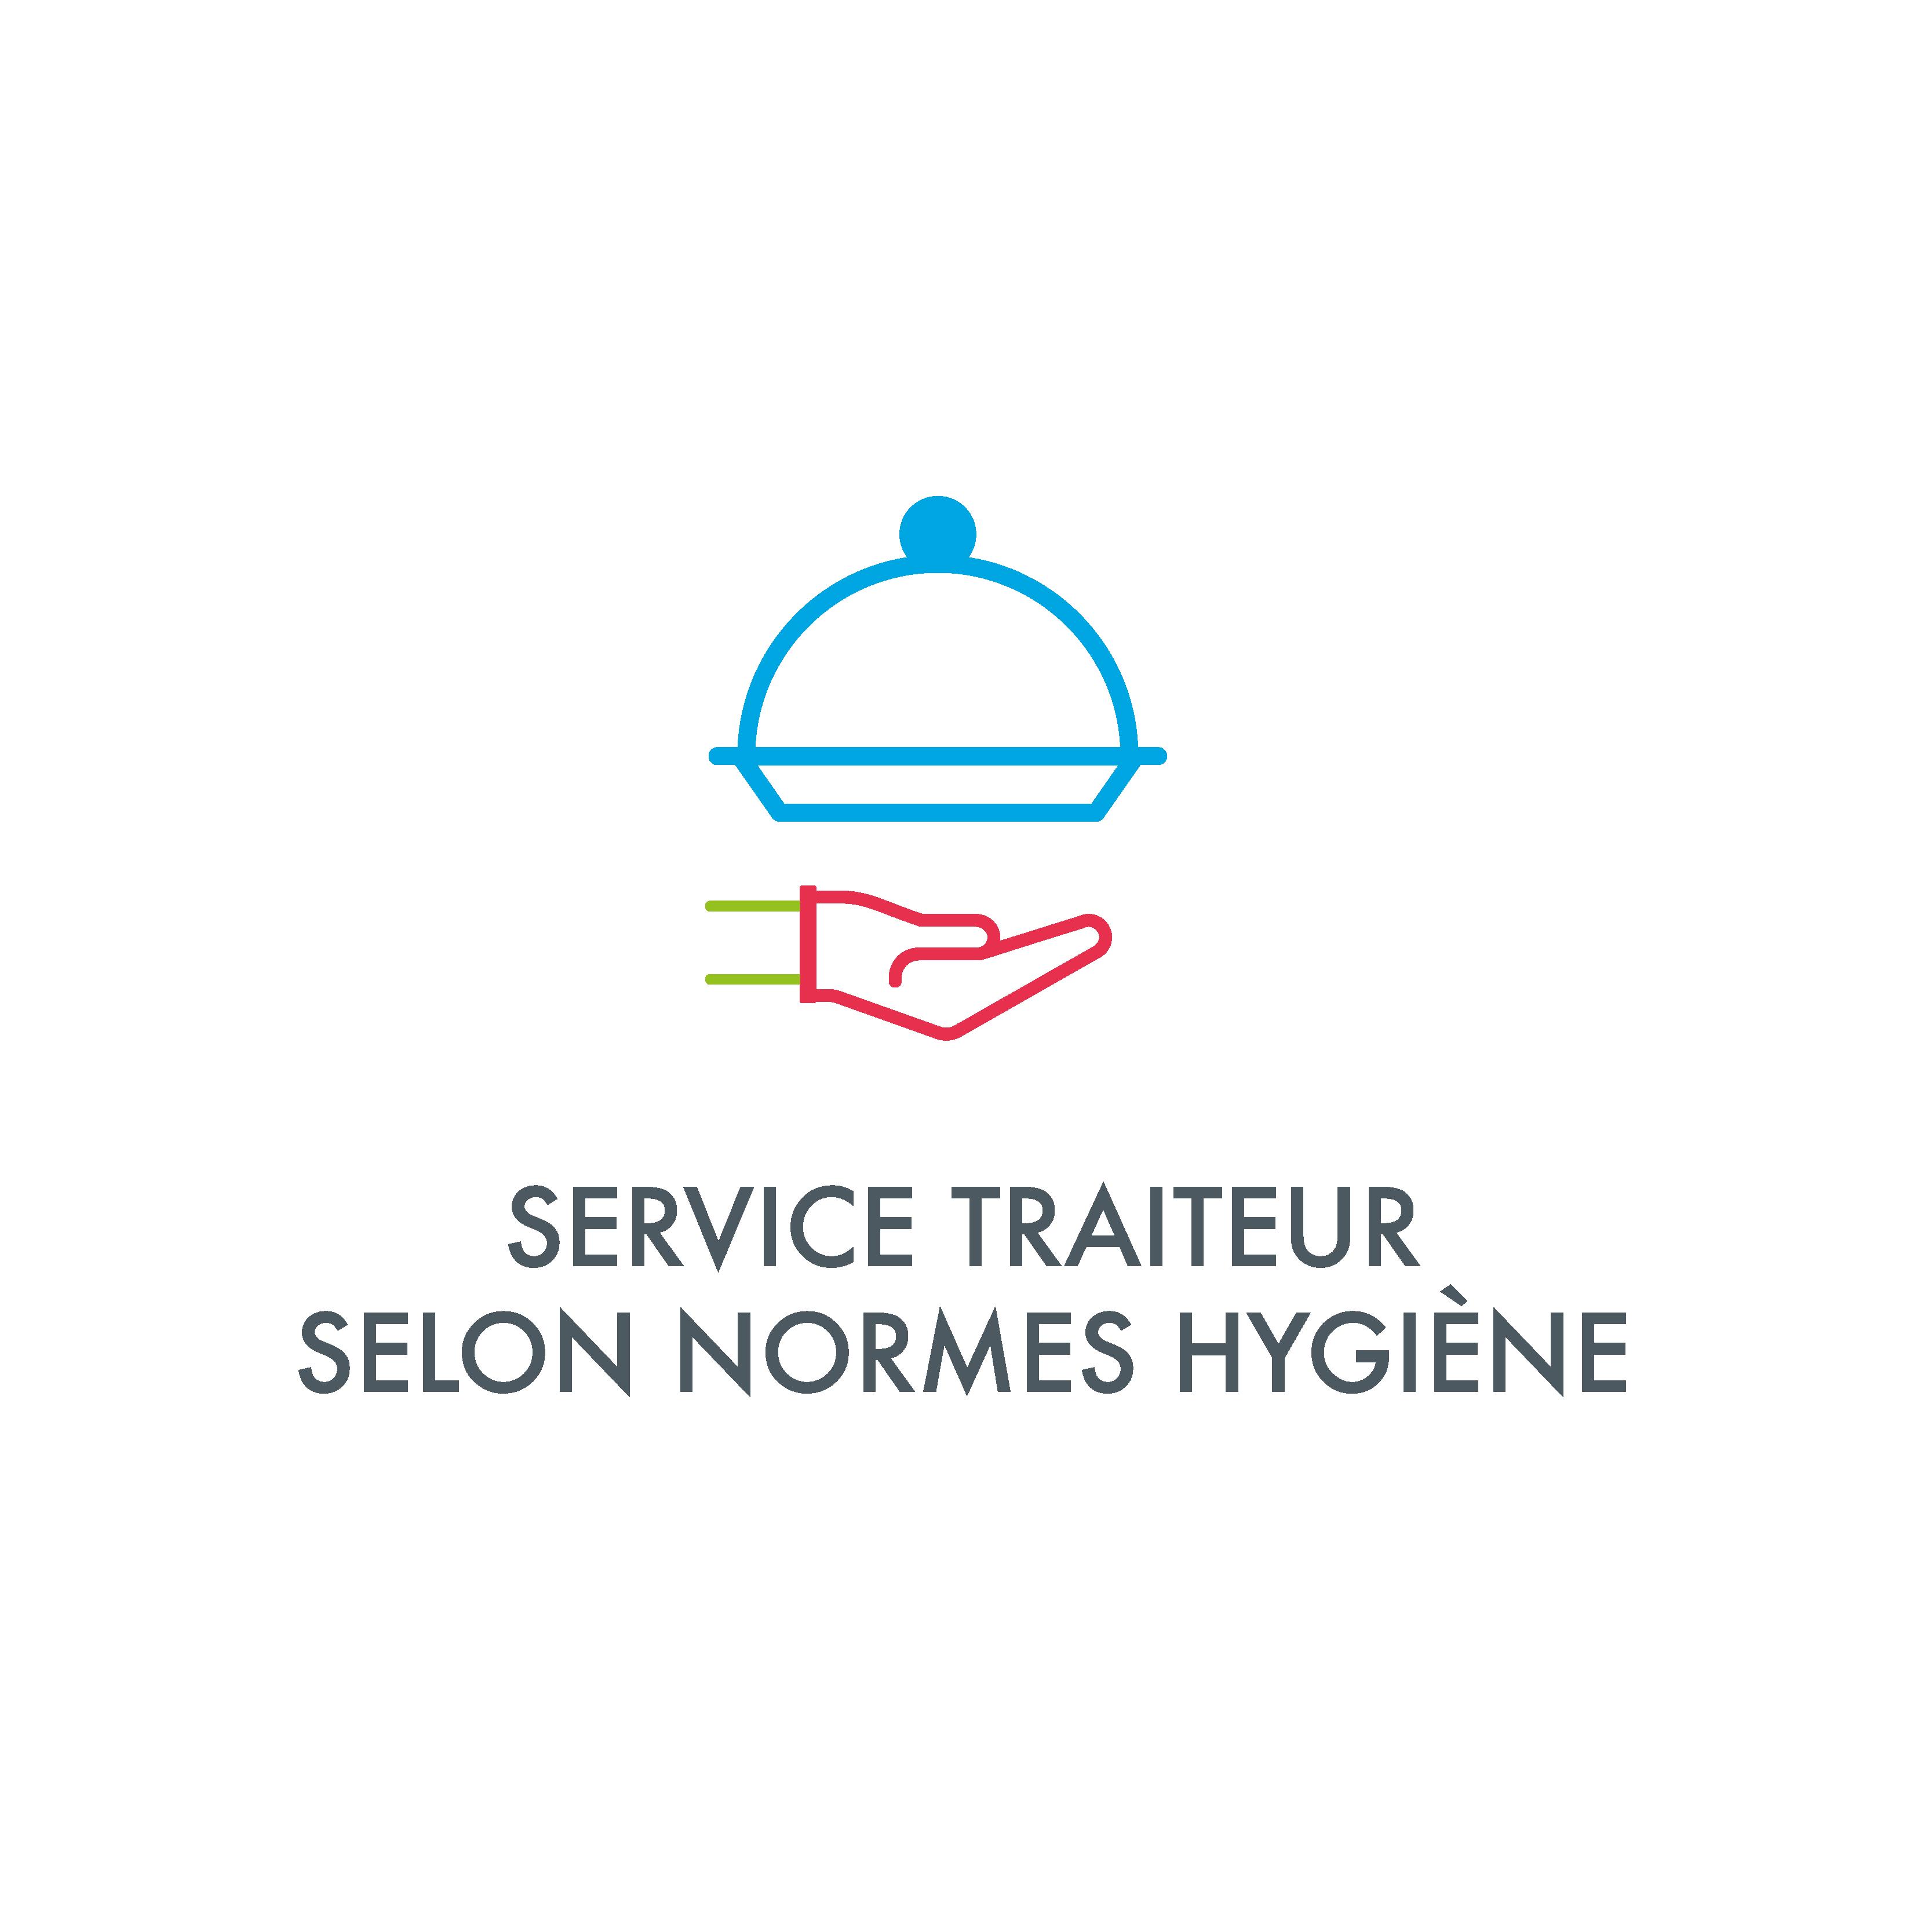 Service traiteur selon les normes d'hygiène